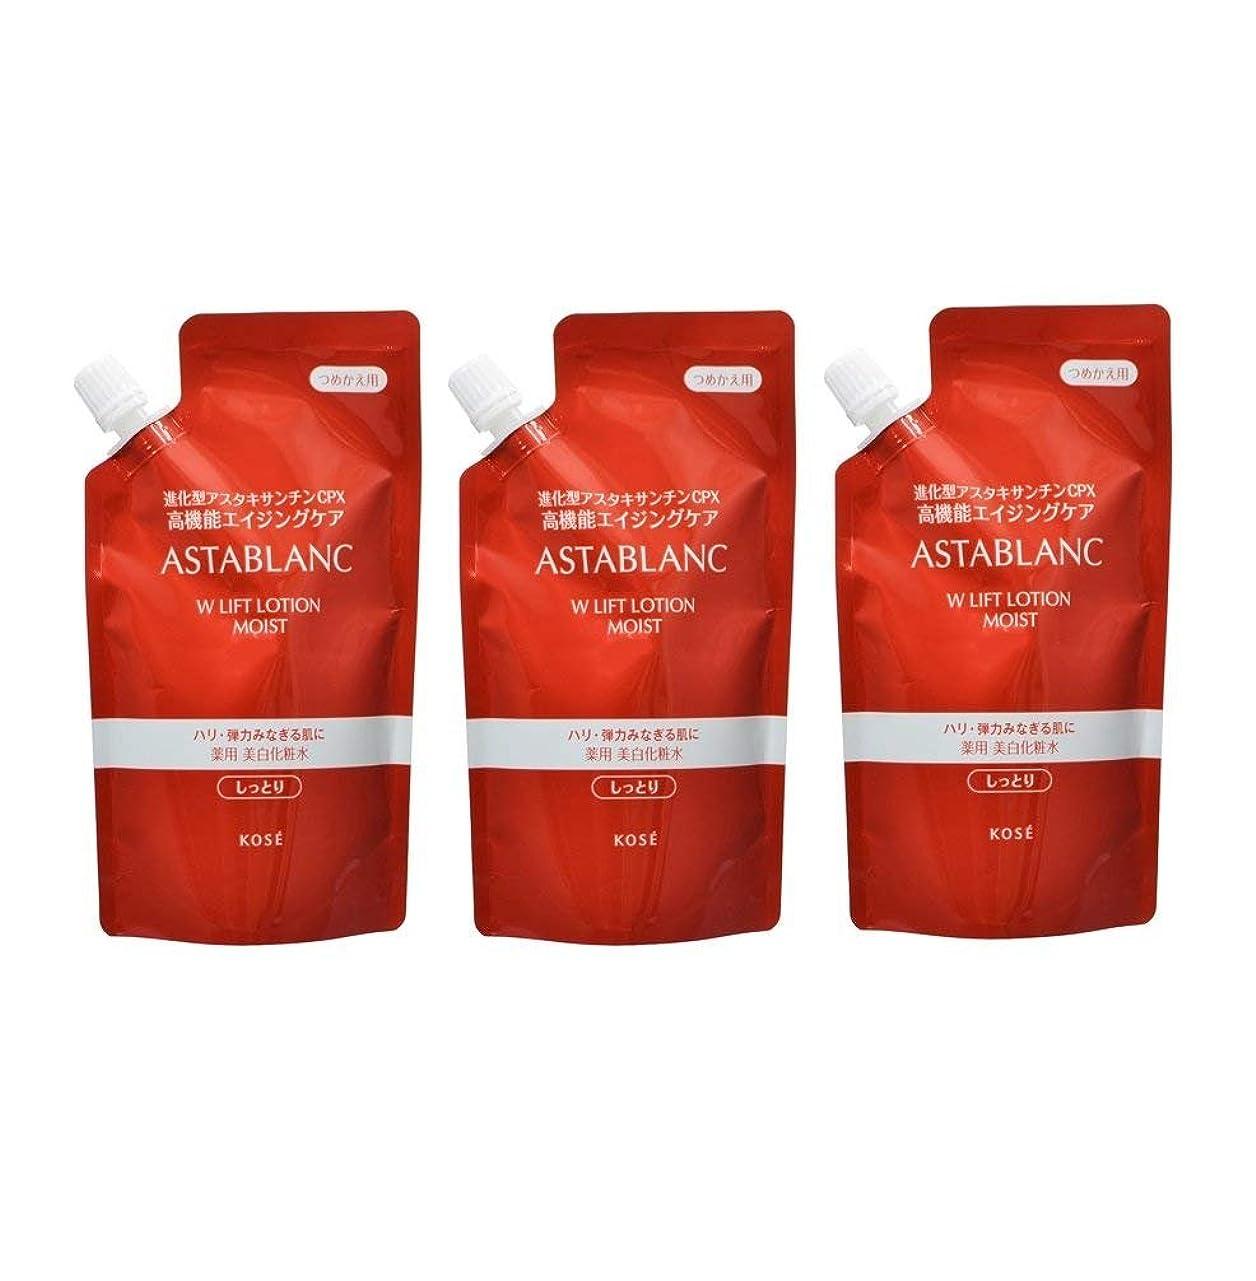 かすれた不快汚れる【3個セット】 コーセー アスタブラン Wリフトローション 130ml とてもしっとり 詰替 レフィル